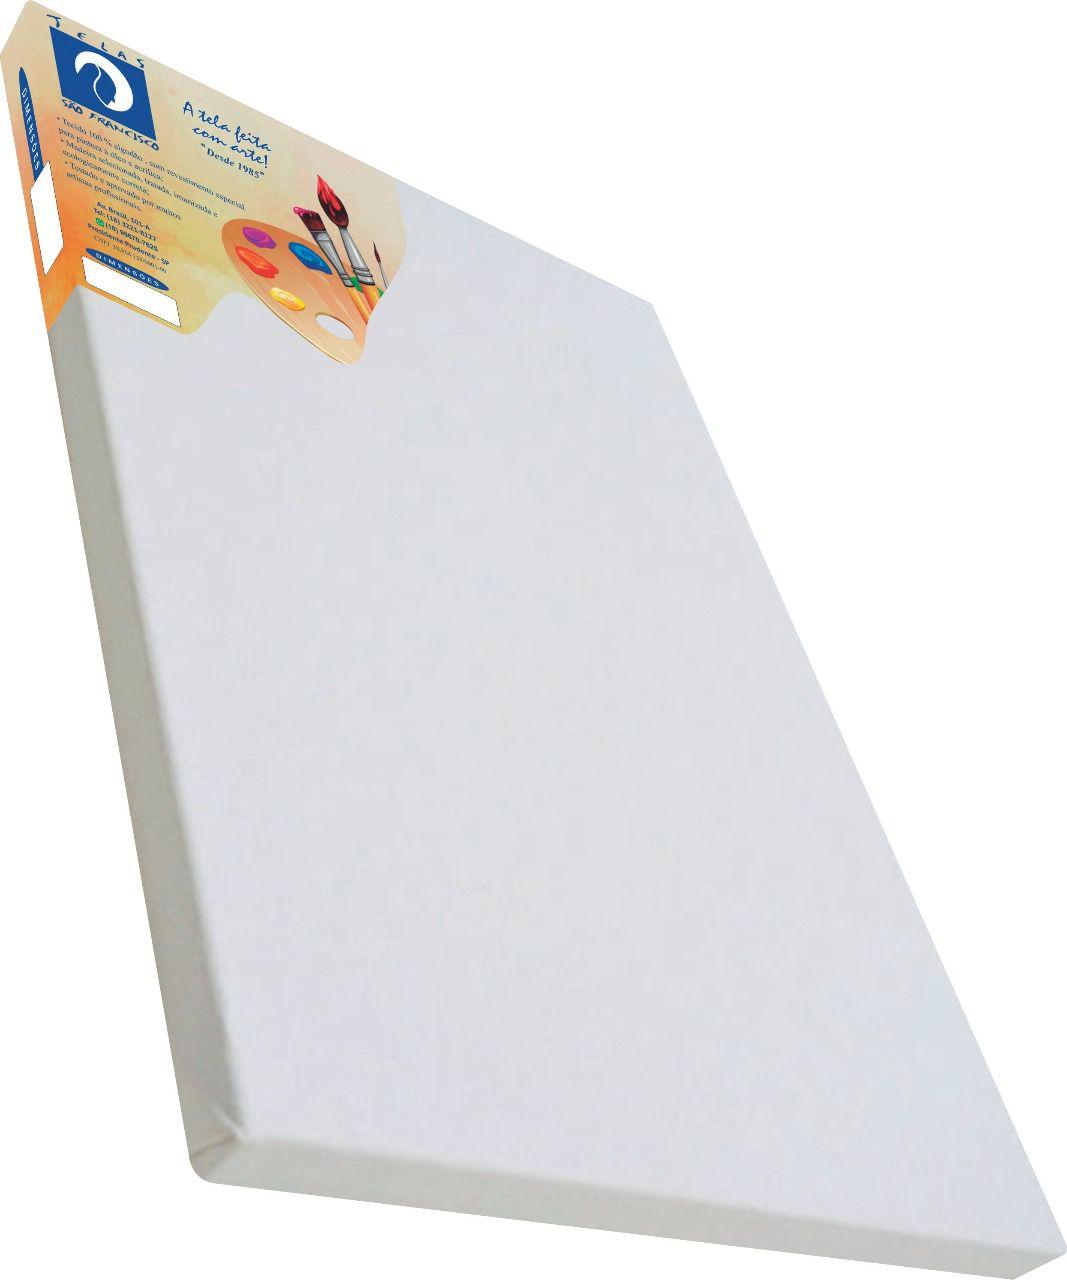 Tela comum para pintura 15x15cm - São Francisco